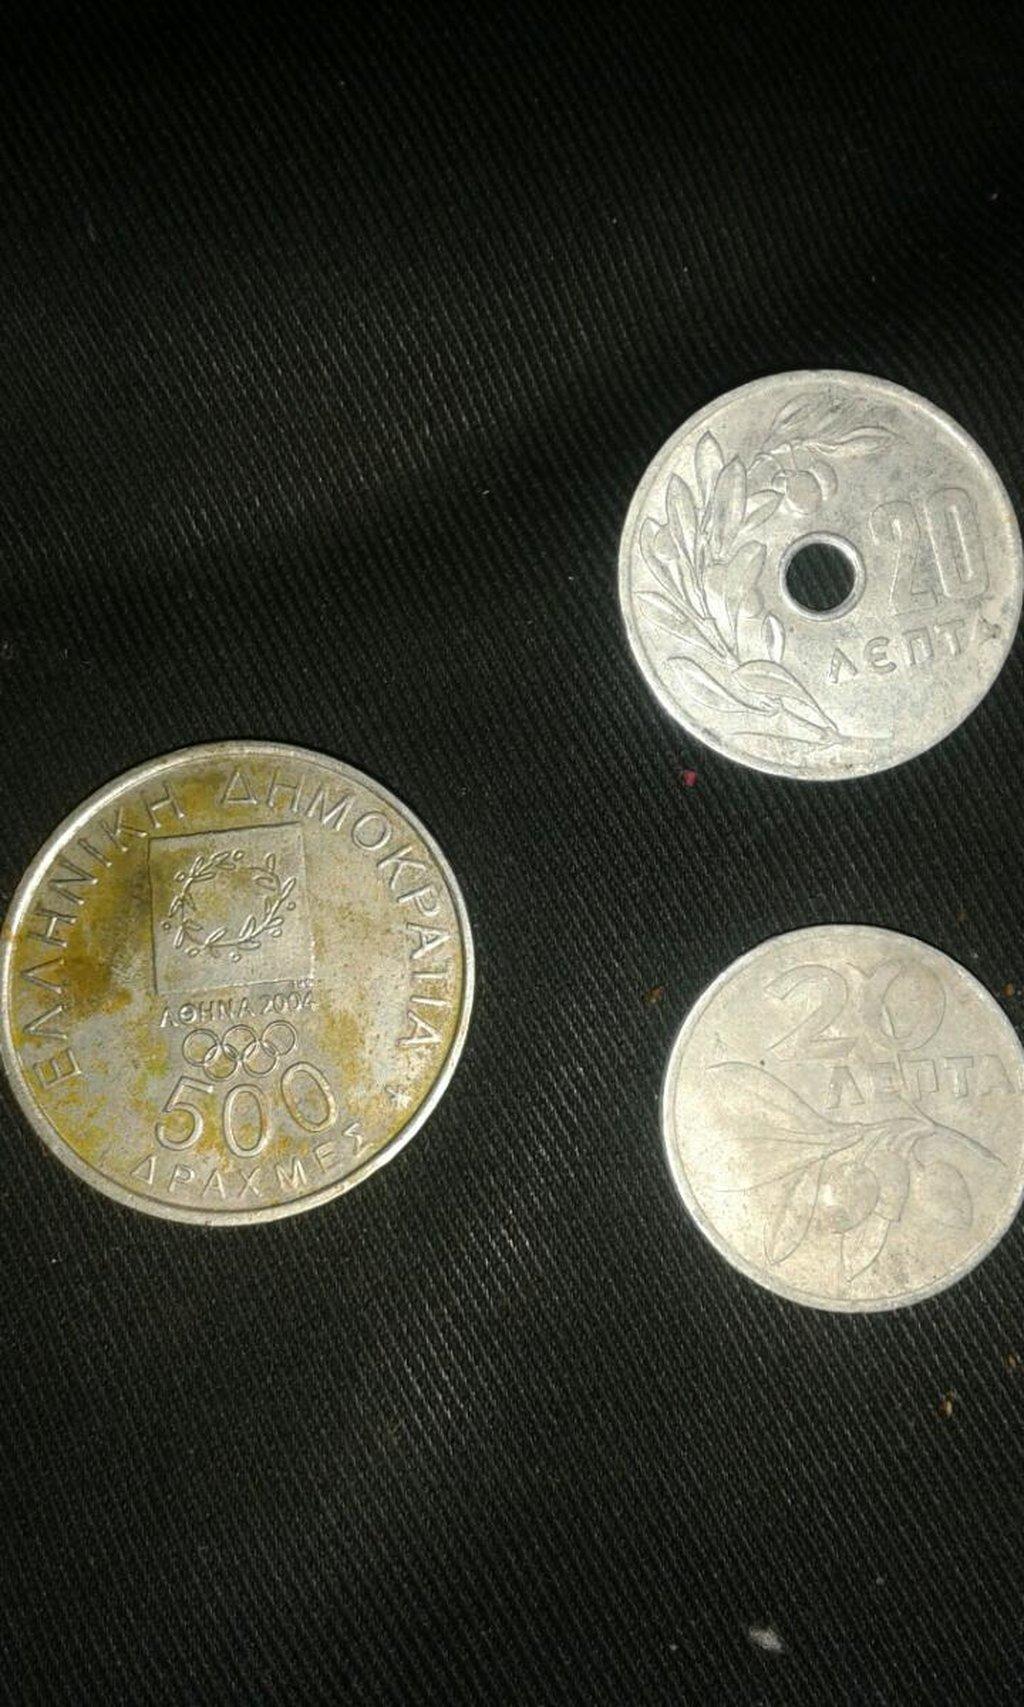 Δυο εικοσα λεπτα ετος 1969 + 1972 και 500 δραχμες αθηνα 1896 + 2004